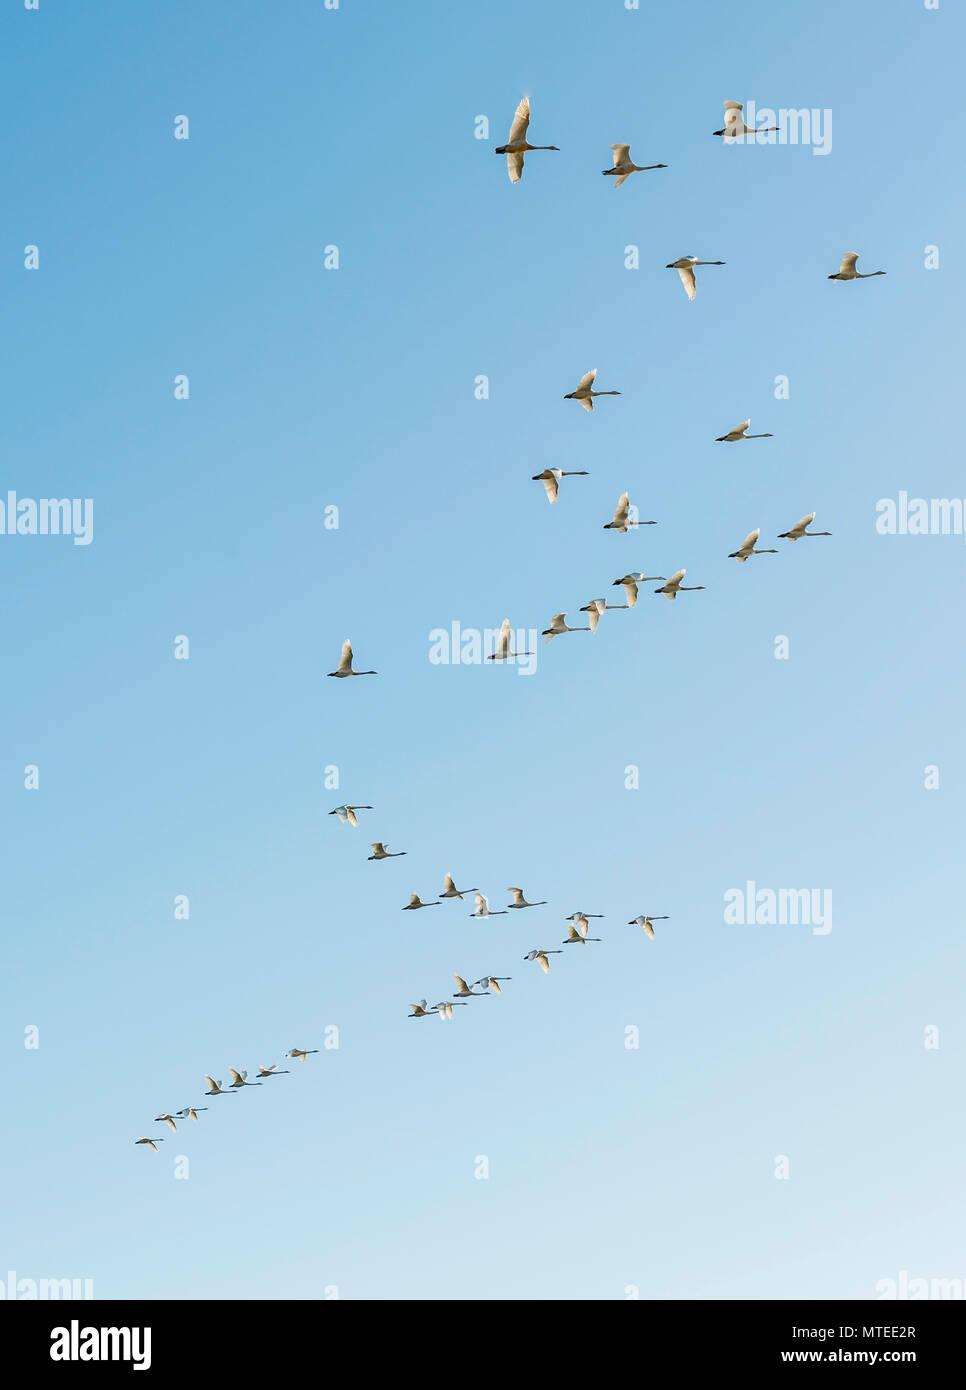 Scharen von Vögeln, Fliegen gehören Singschwan (Cygnus Cygnus), die sich in der Ausbildung befinden, South Island, Island Stockbild